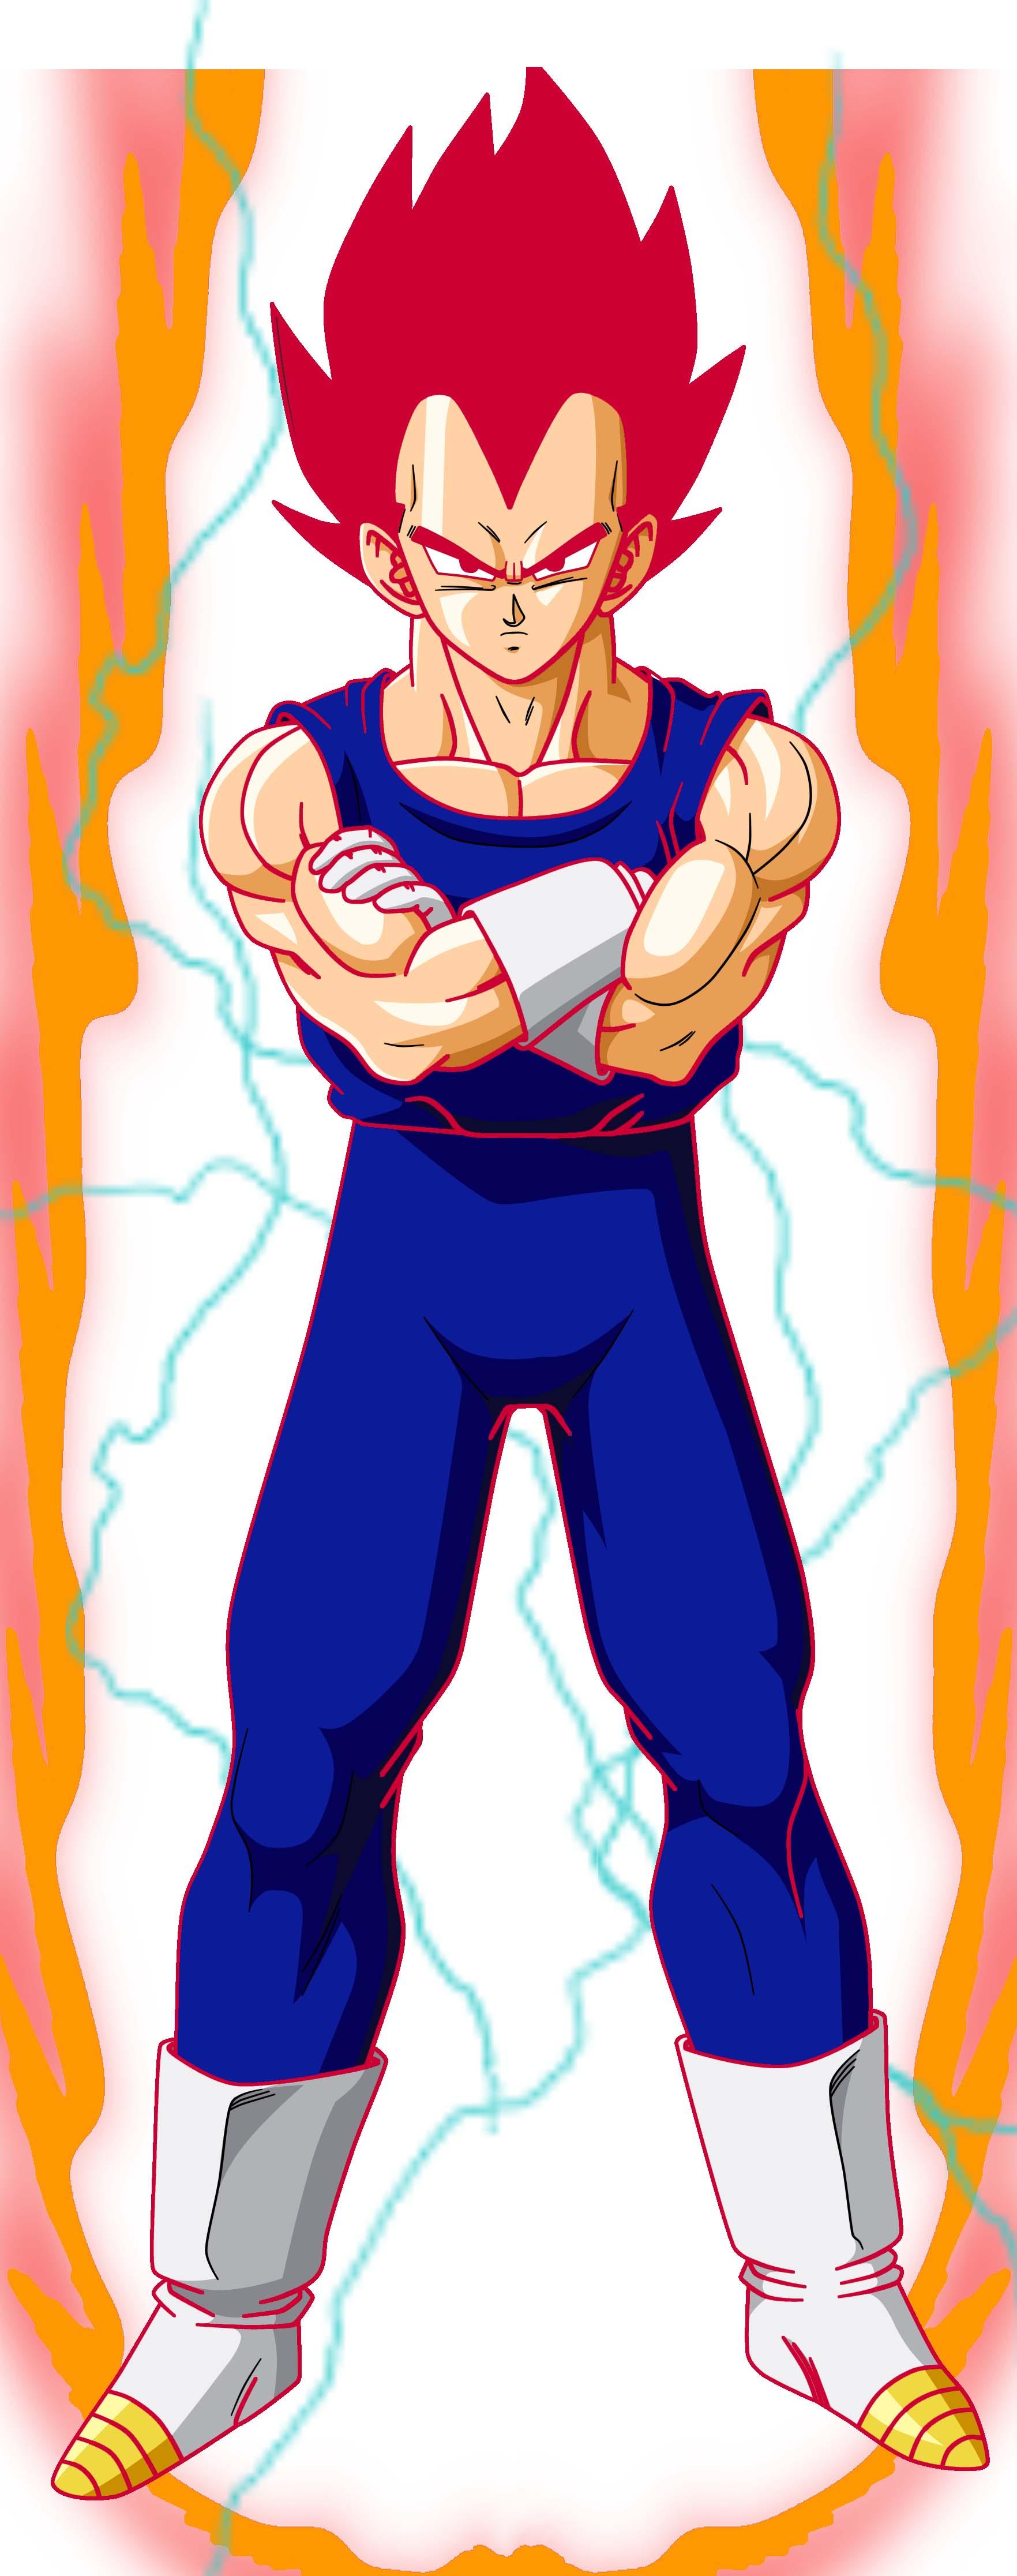 Super Saiyan God 2 Vegeta | Dragonball Fanon Wiki | FANDOM powered ...